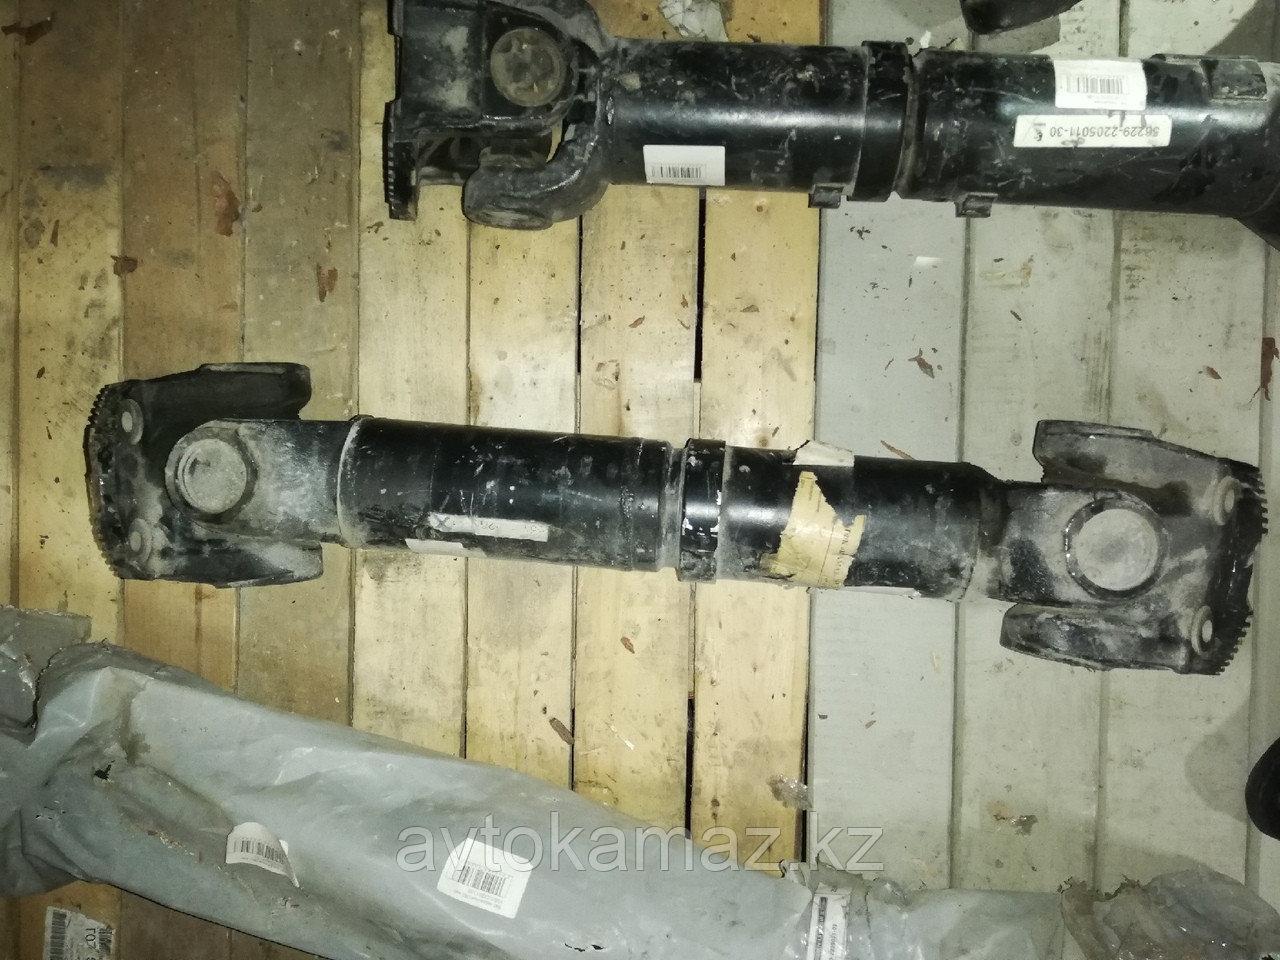 55111-2205011 - Вал карданный 55111-2205011